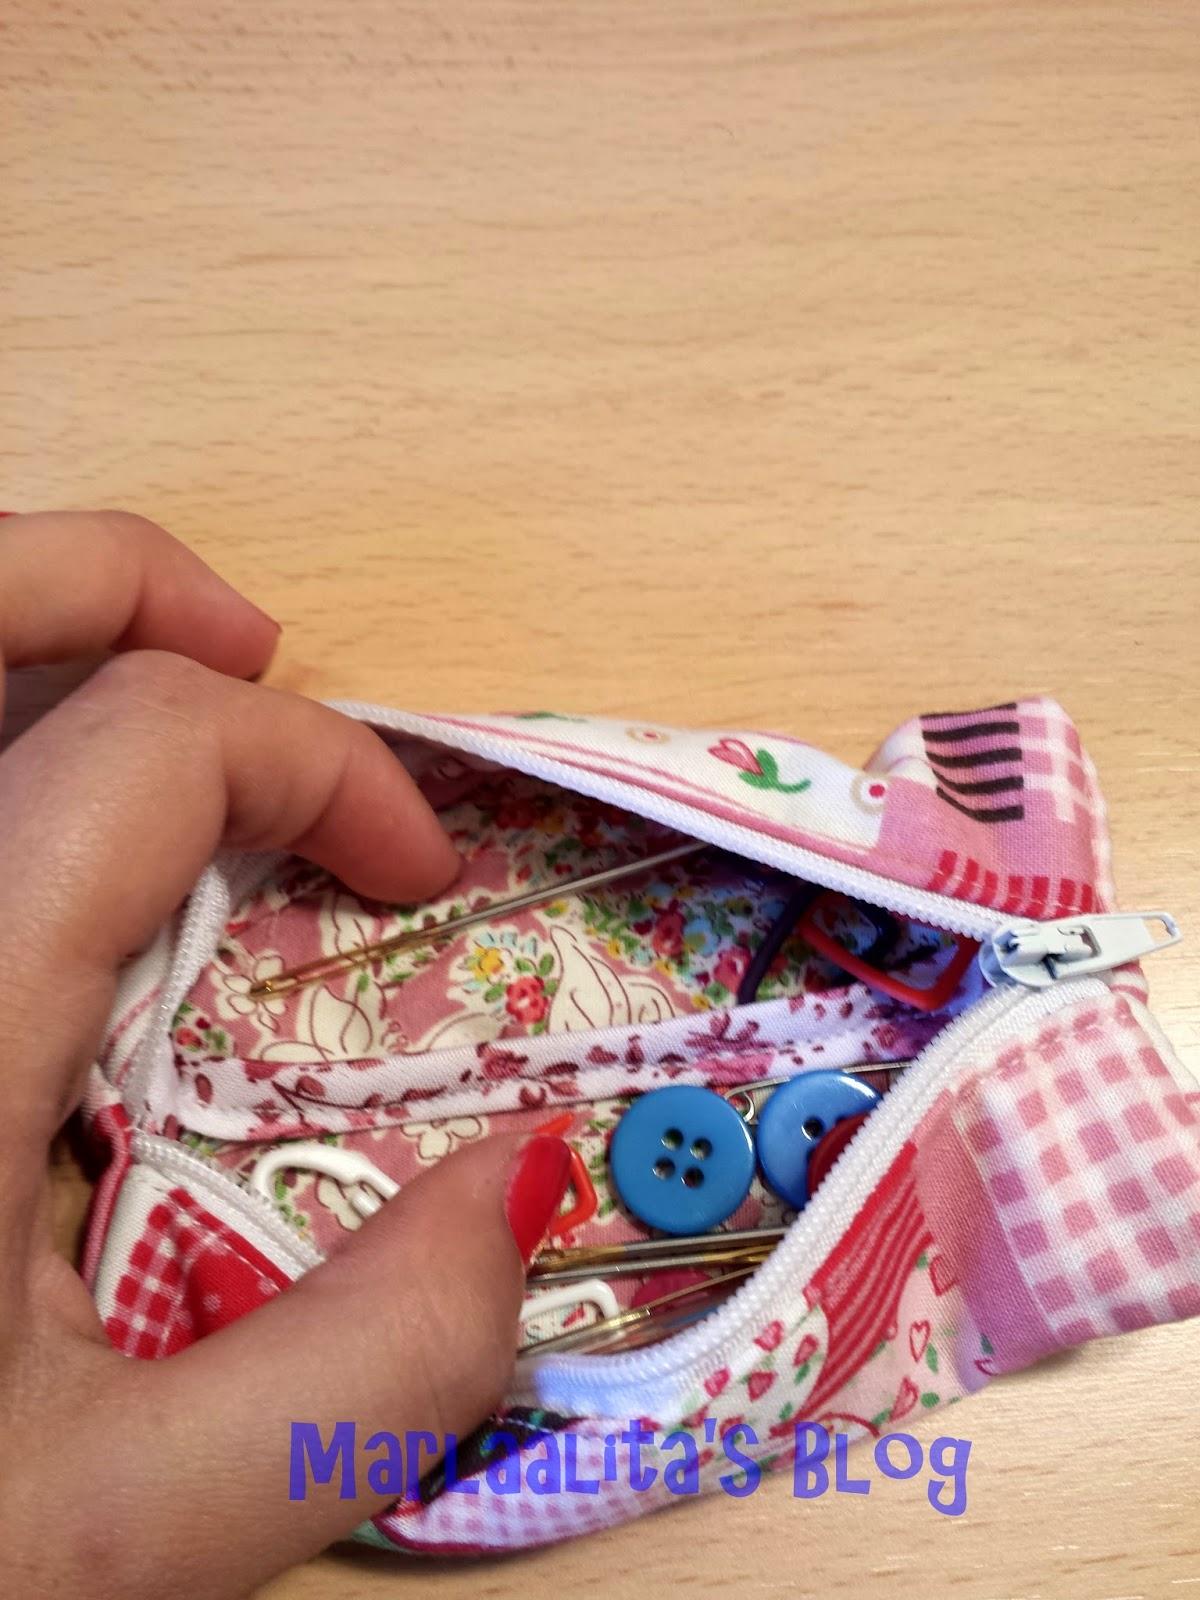 monedero pequeño cremallera costura